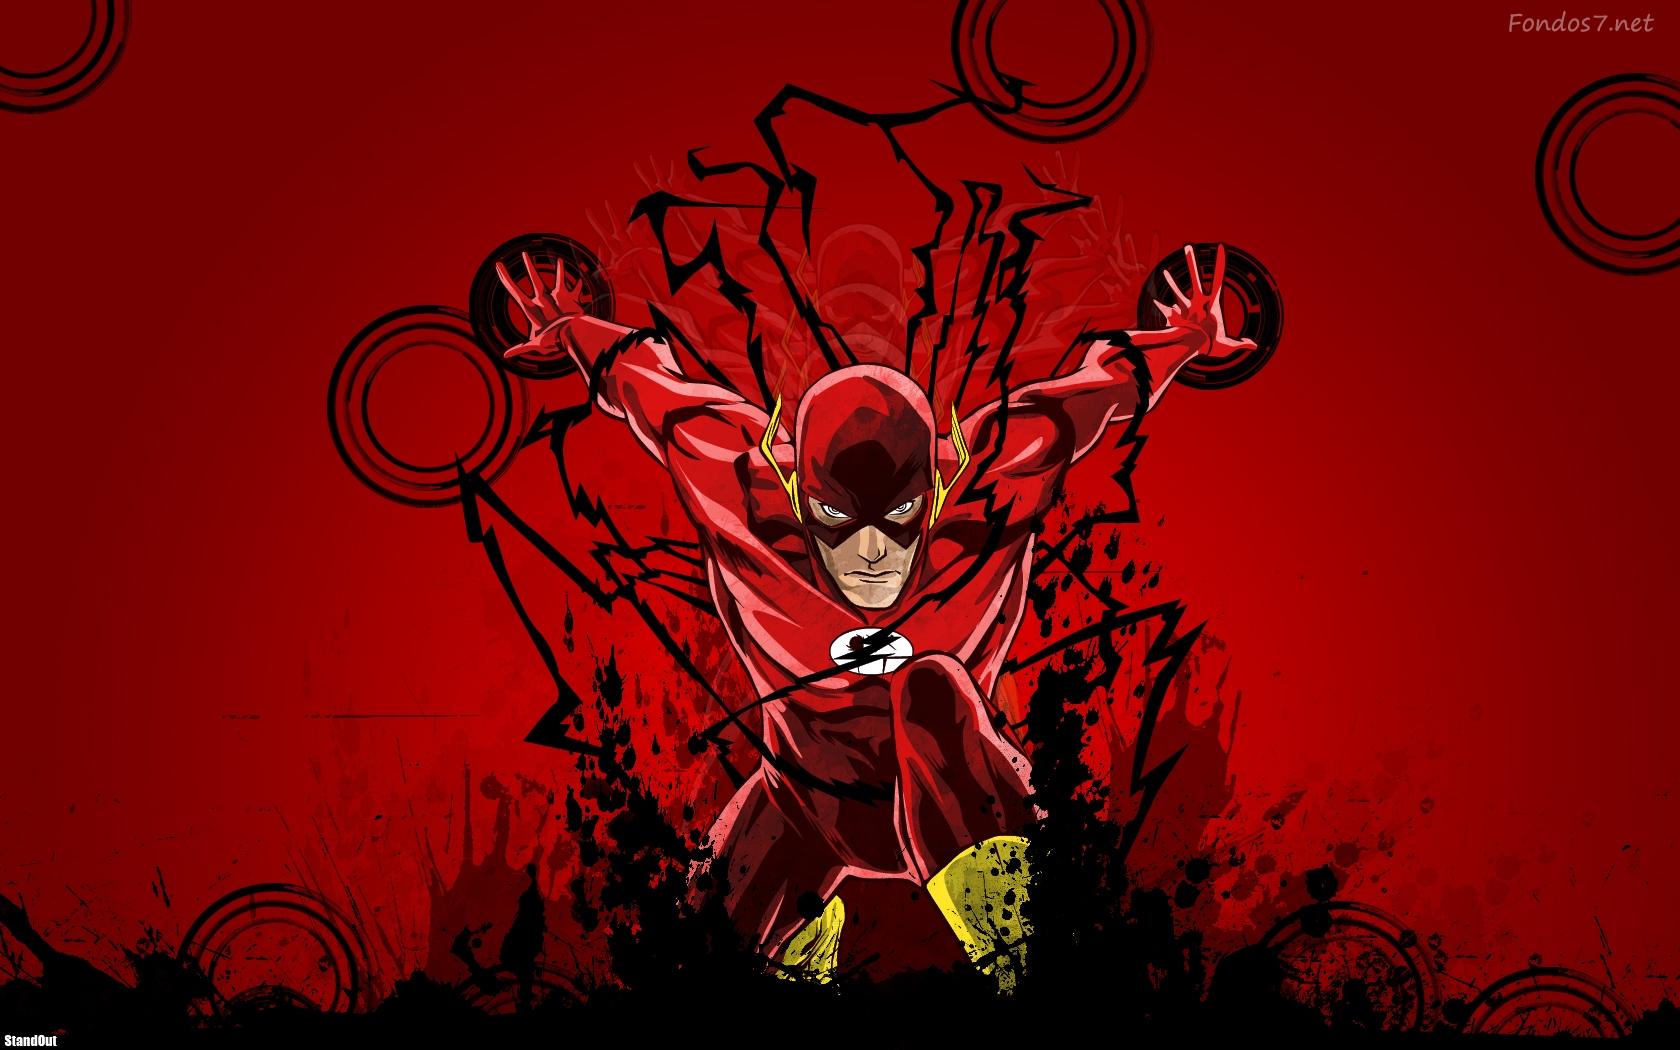 Descargar Fondos de pantalla el hombre flash comics hd widescreen 1680x1050